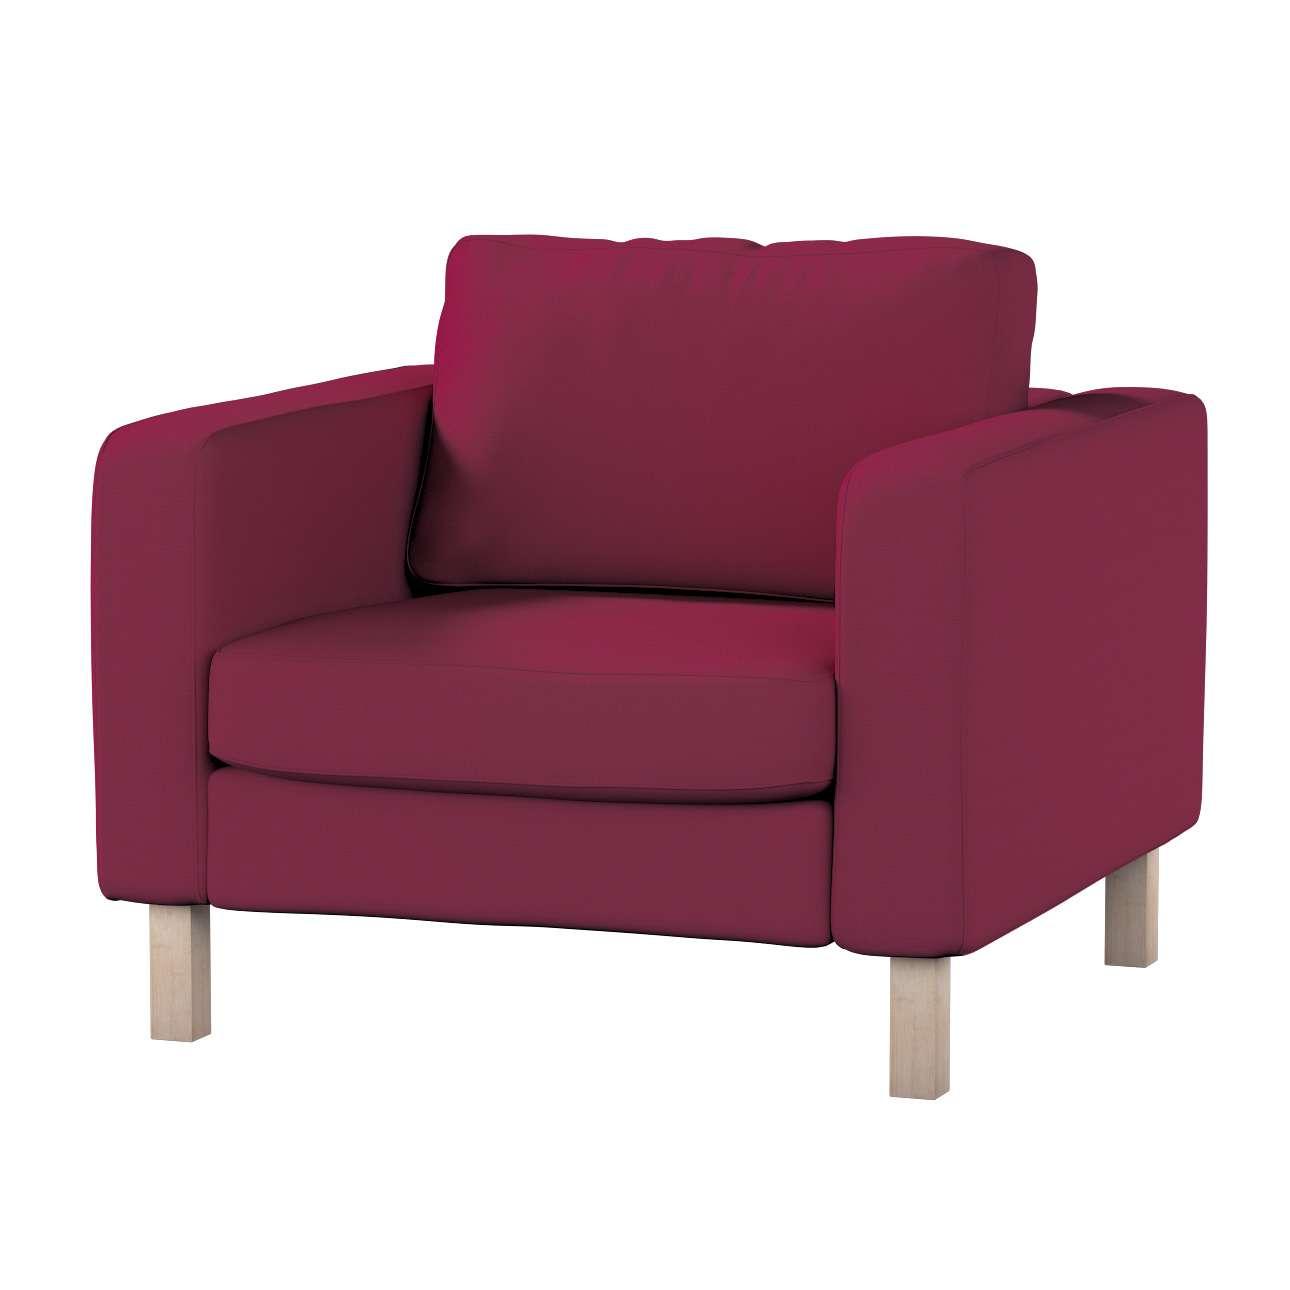 Pokrowiec na fotel Karlstad, krótki Fotel Karlstad w kolekcji Cotton Panama, tkanina: 702-32